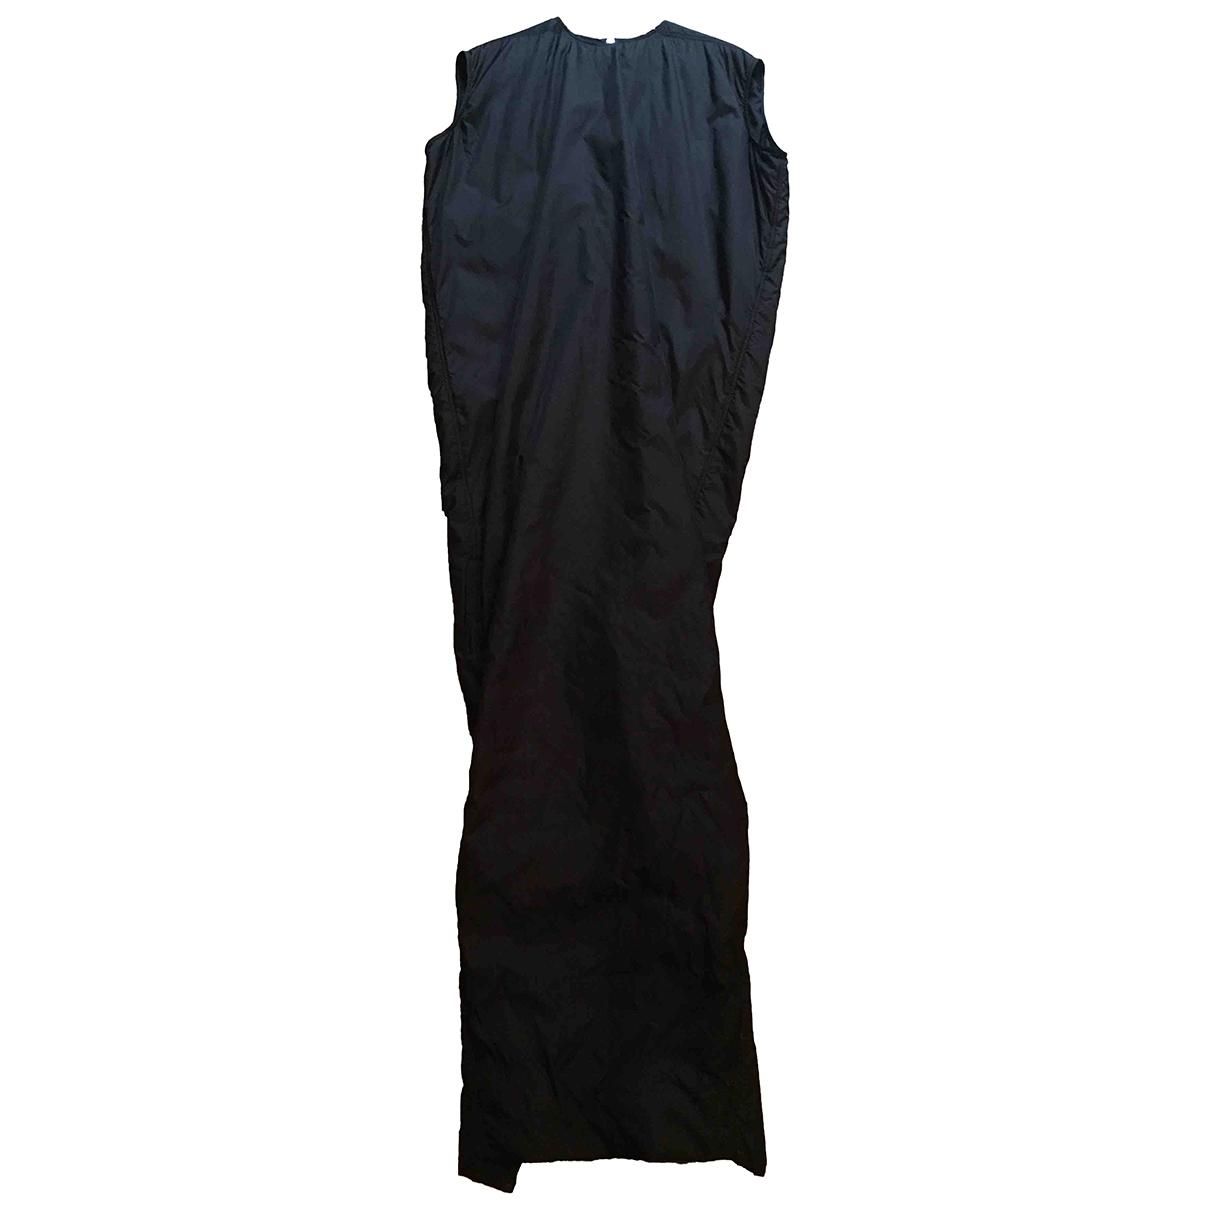 Rick Owens \N Black dress for Women 42 IT